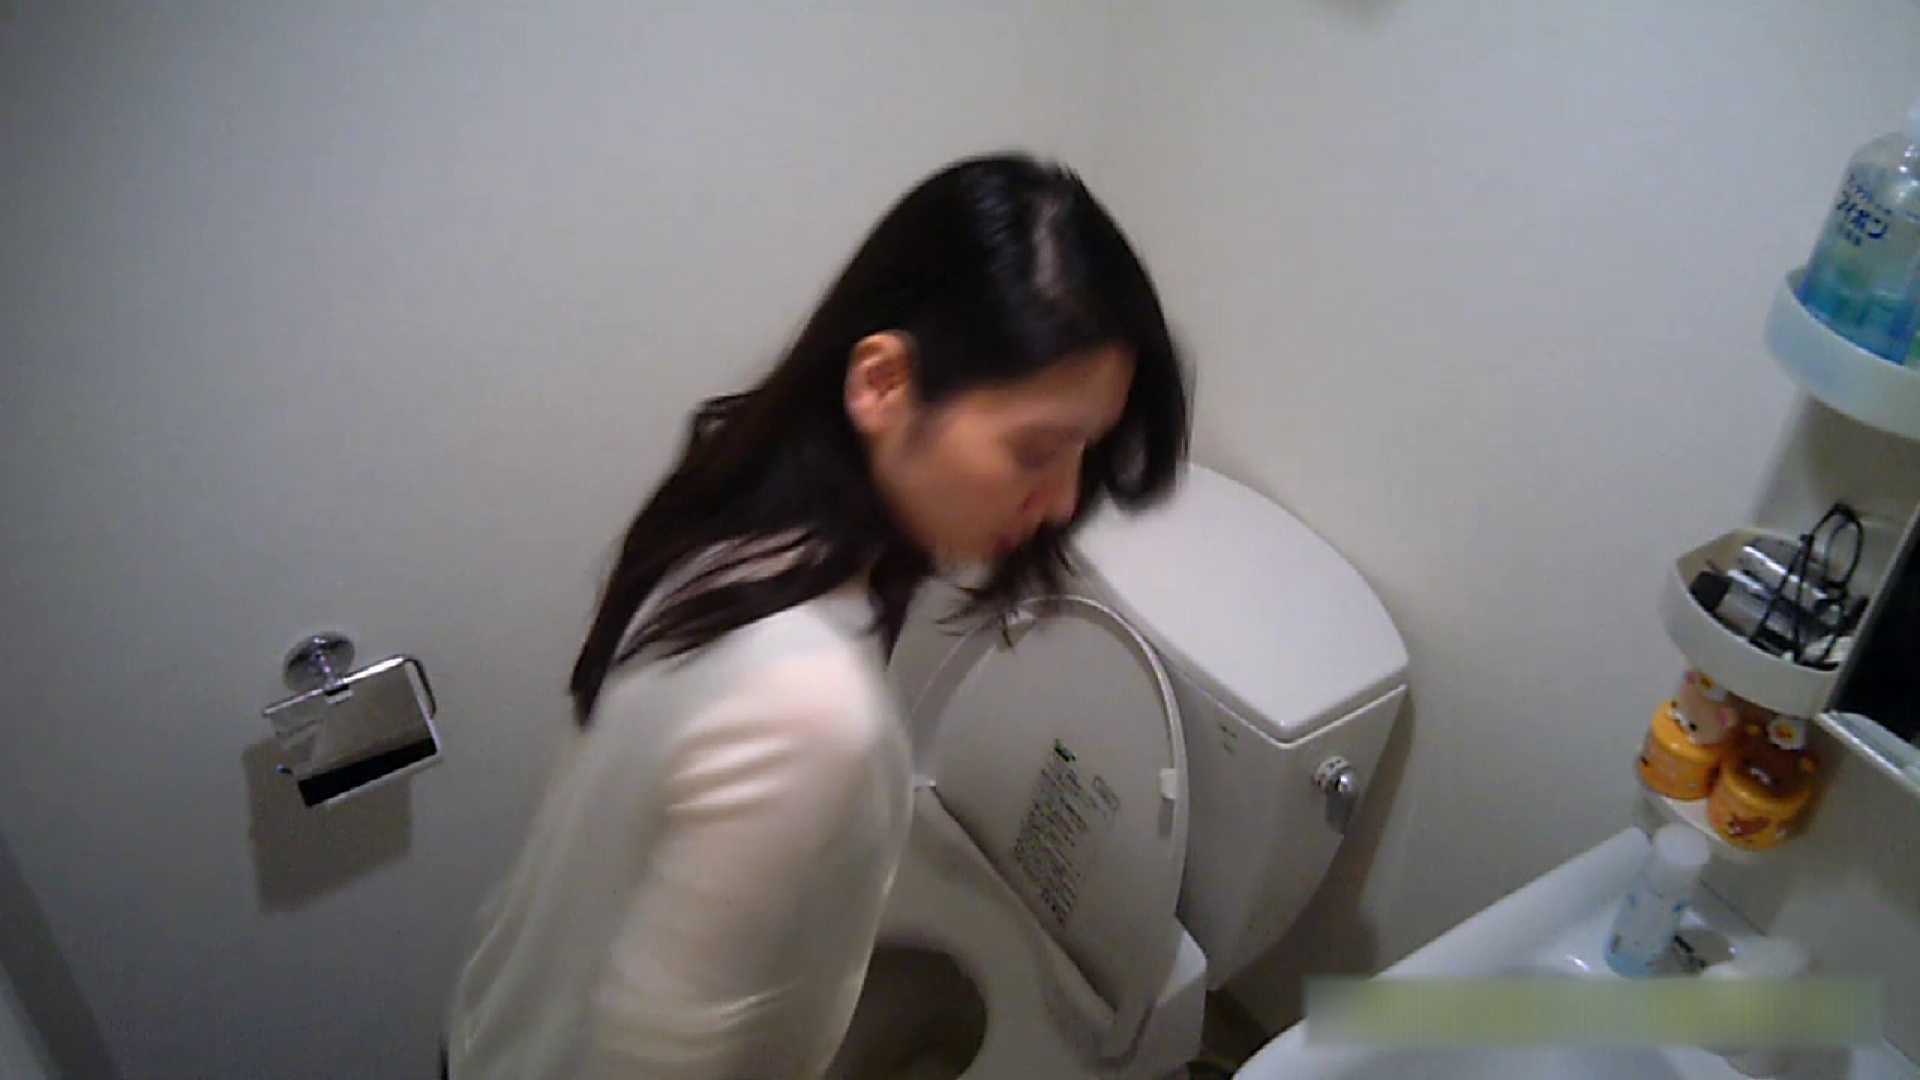 清楚な顔してかなり敏感なE子25歳(仮名)Vol.04 トイレ編 高画質 戯れ無修正画像 62画像 22